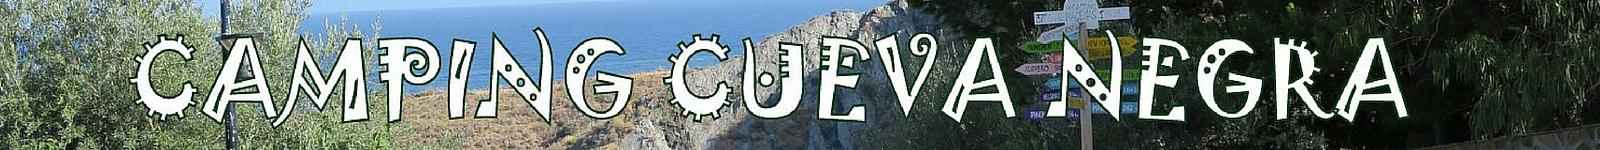 Camping Cueva Negra - Camping y Bungalow